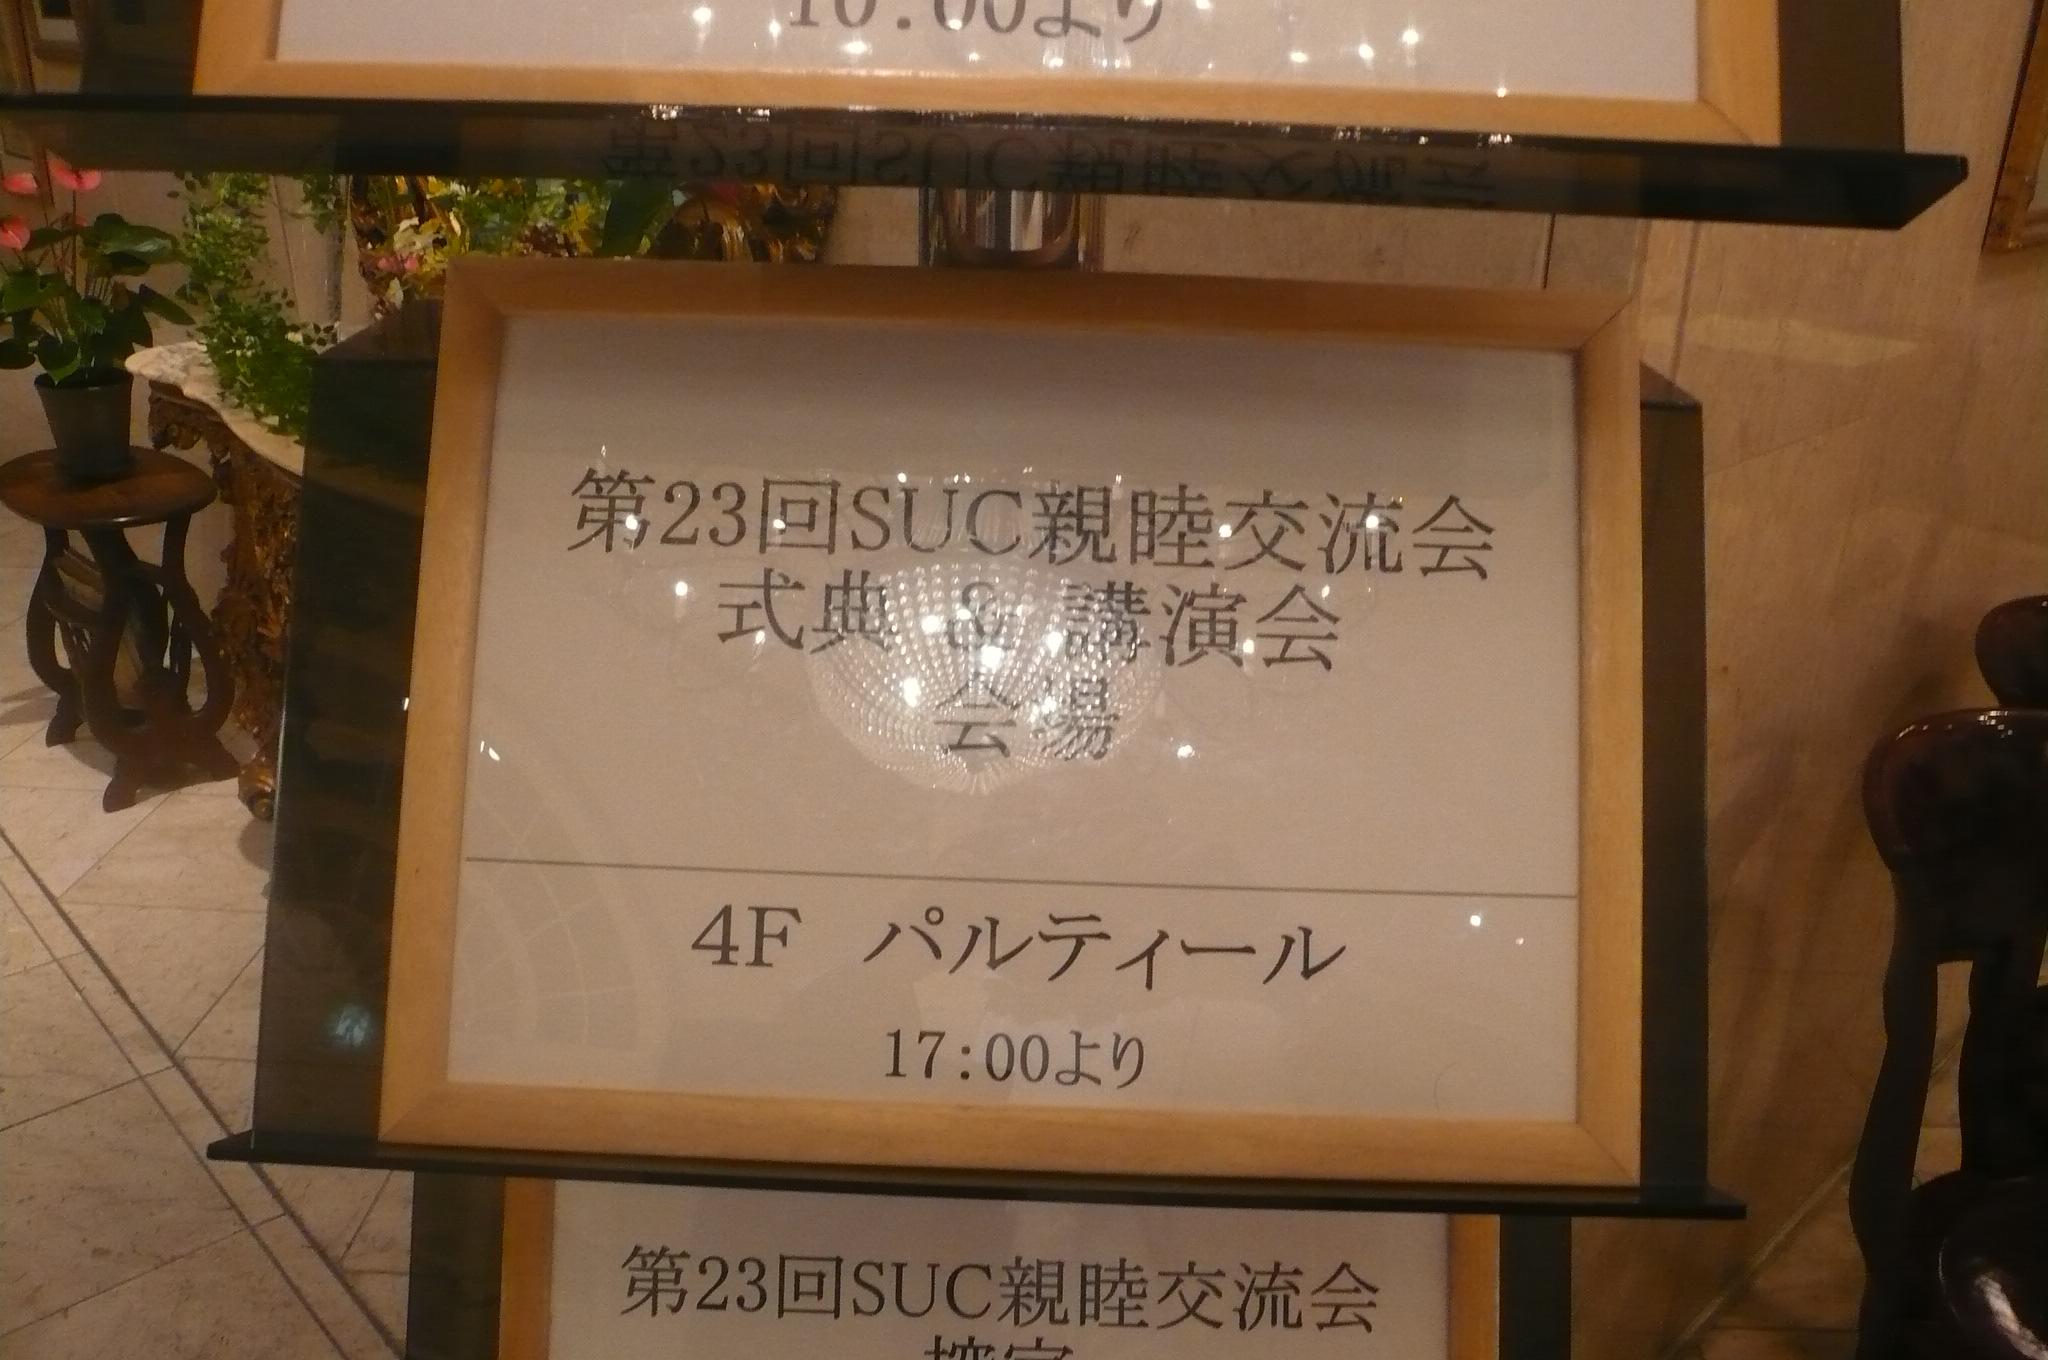 会場はイヤーエンドパーティーでおなじみ湘南クリスタルホテル